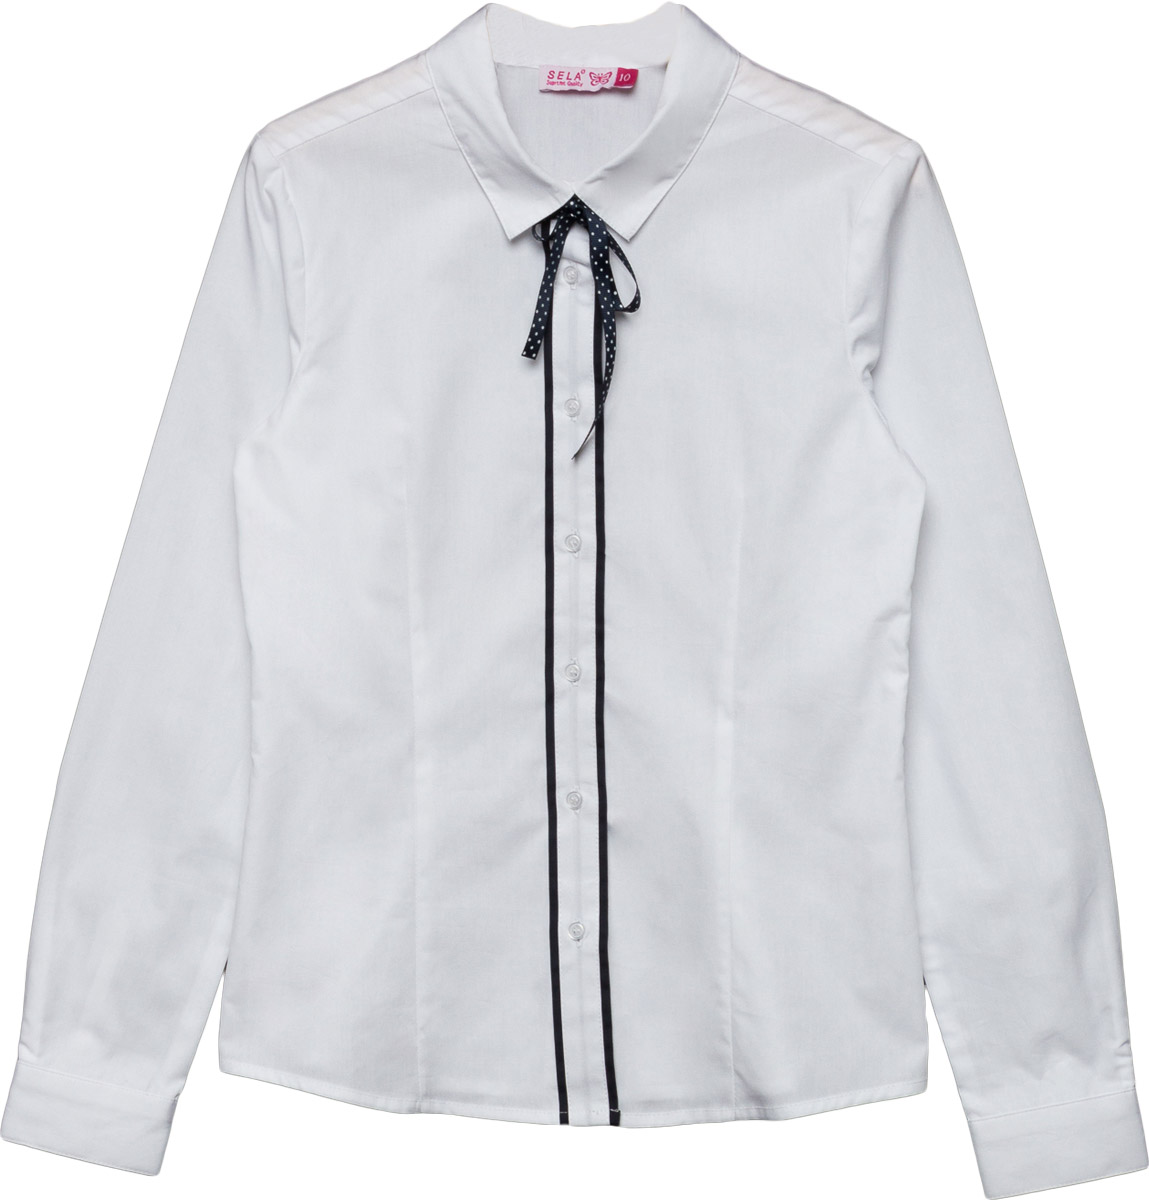 Блузка для девочки Sela, цвет: белый. B-612/869-7320. Размер 152, 12 летB-612/869-7320Классическая блузка Sela выполнена из хлопкового материала. Модель с отложным воротником и длинными рукавами застегивается на пуговицы.